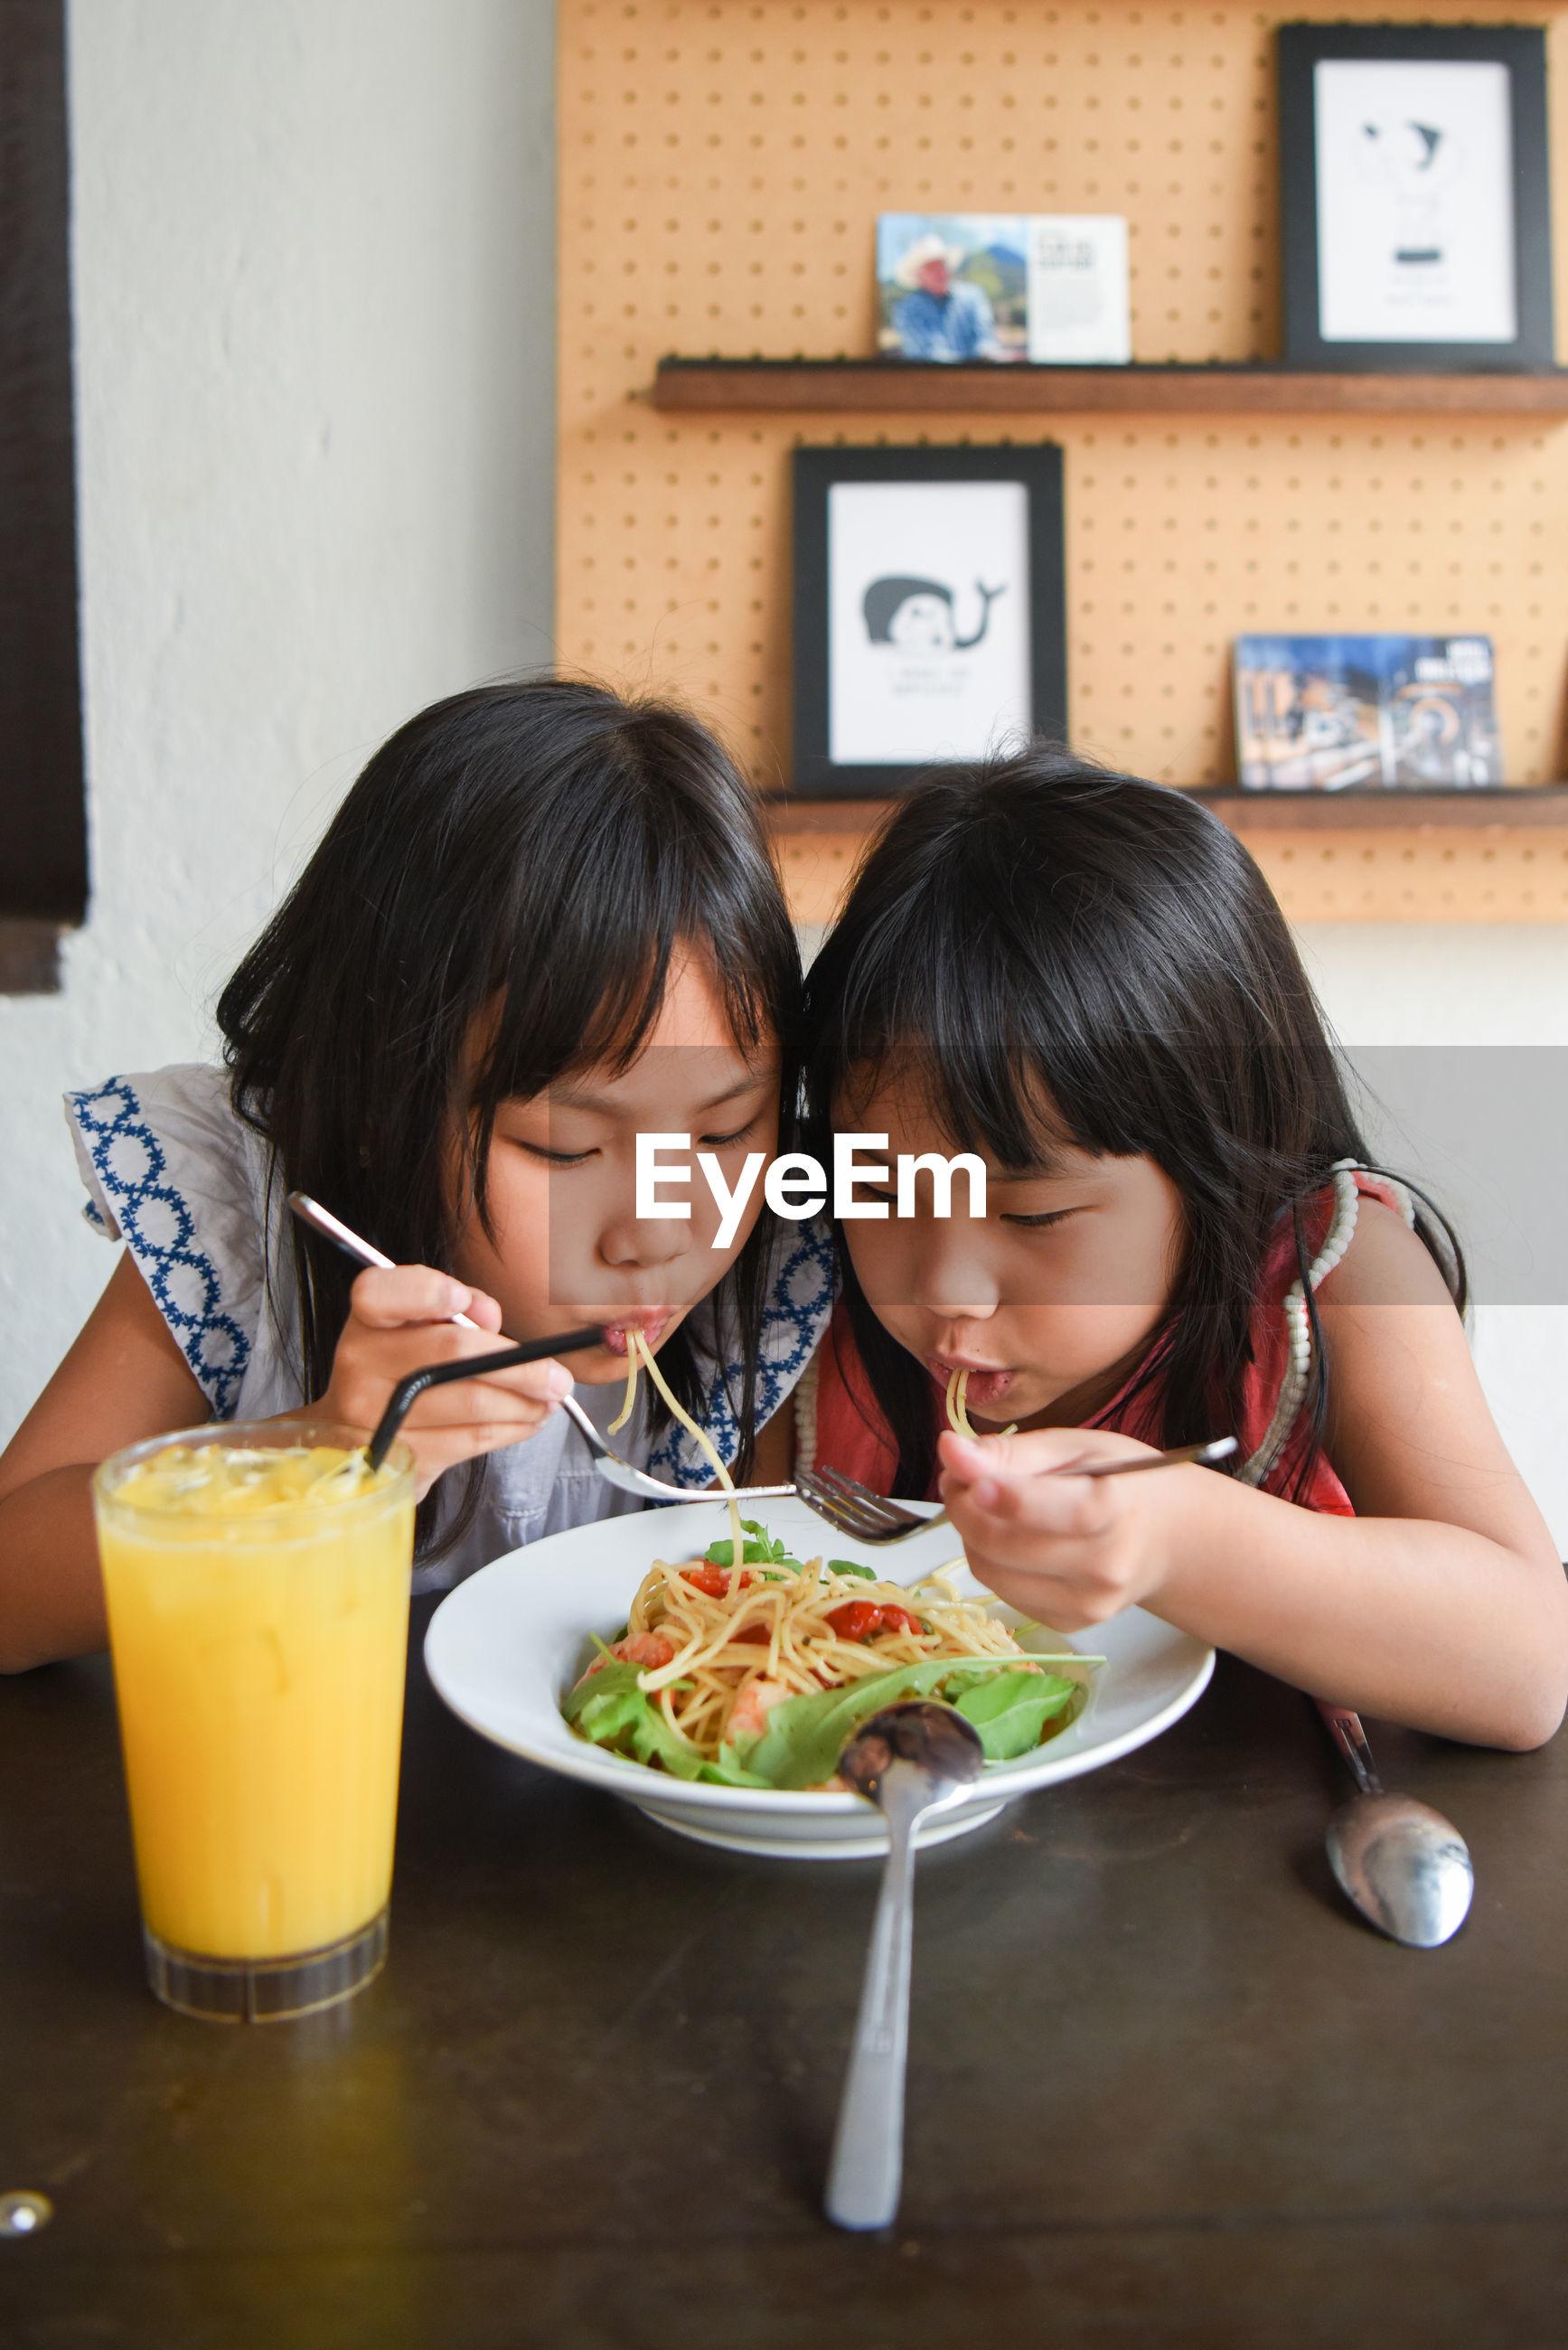 Two girls eating pasta